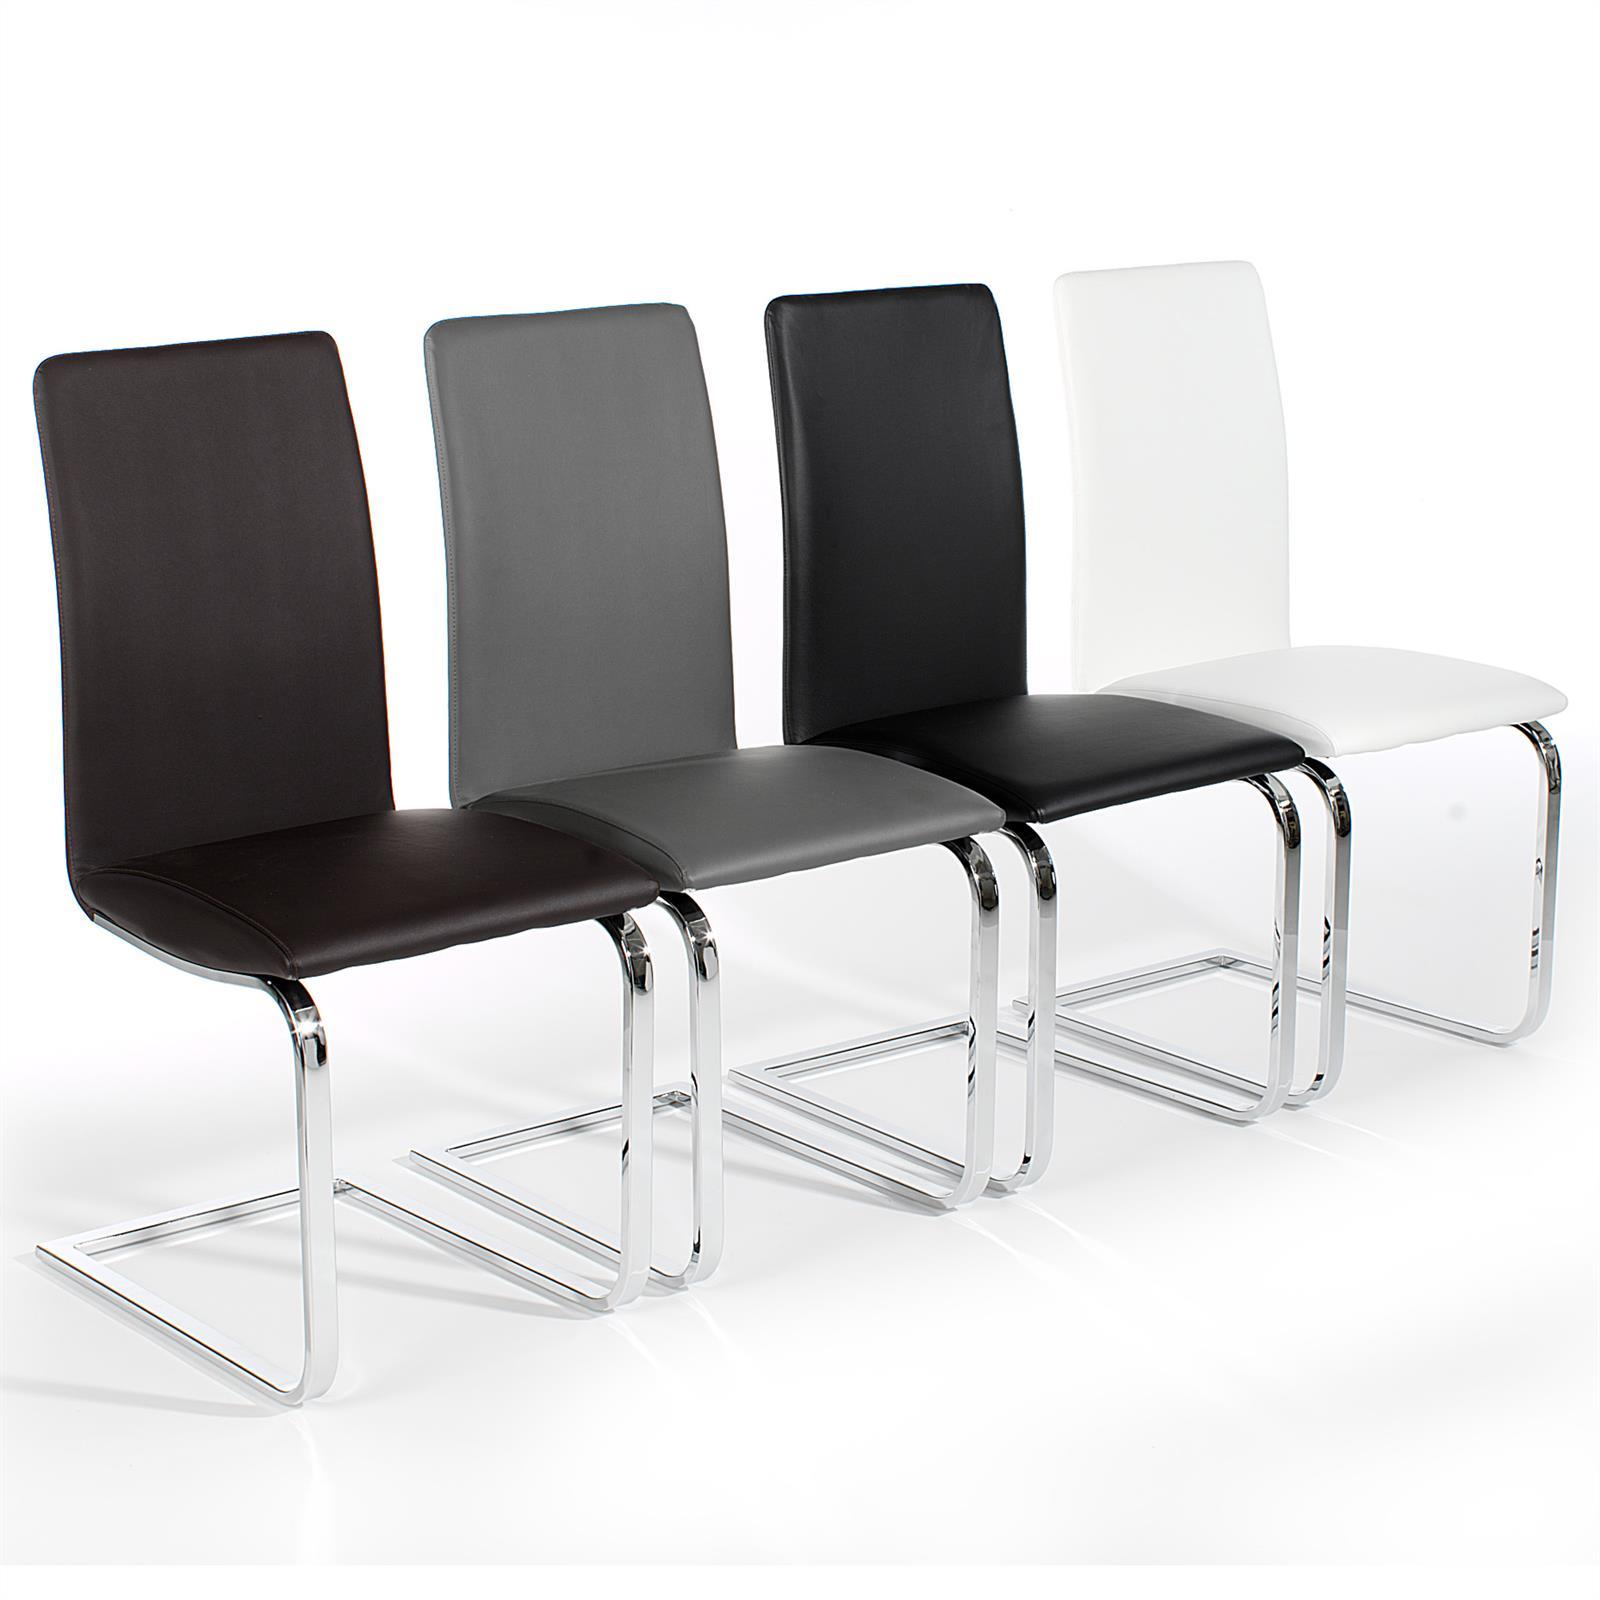 4er set schwingstuhl angelo in 4 farben mobilia24. Black Bedroom Furniture Sets. Home Design Ideas